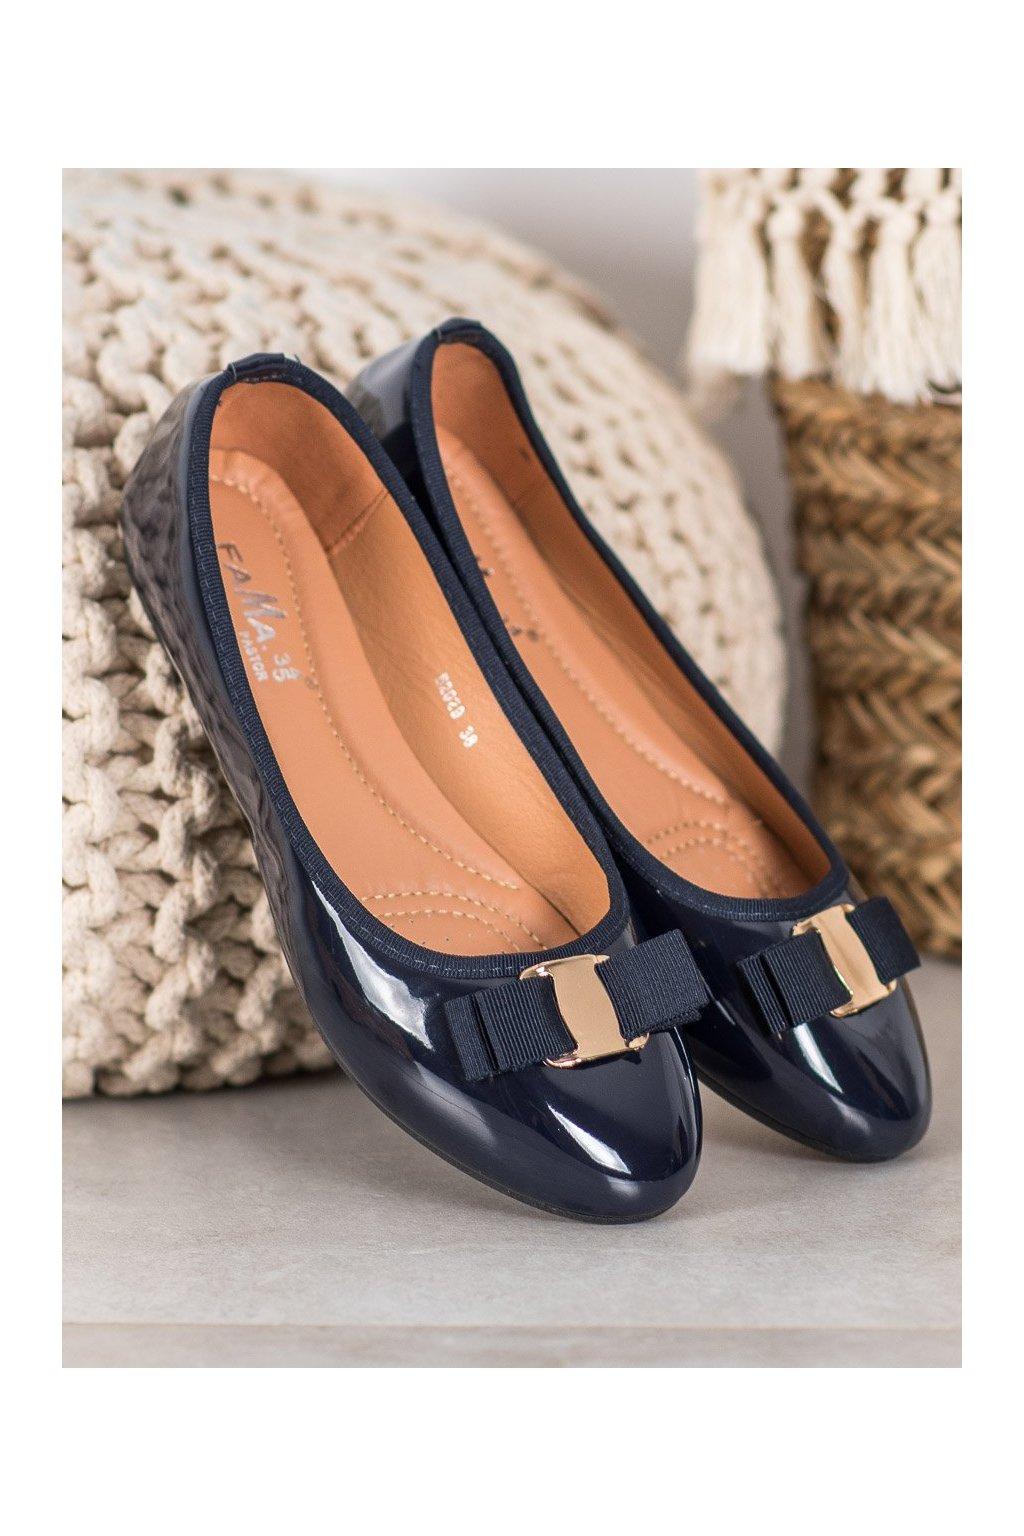 Modré dámske balerínky Fama kod B2029D.BL